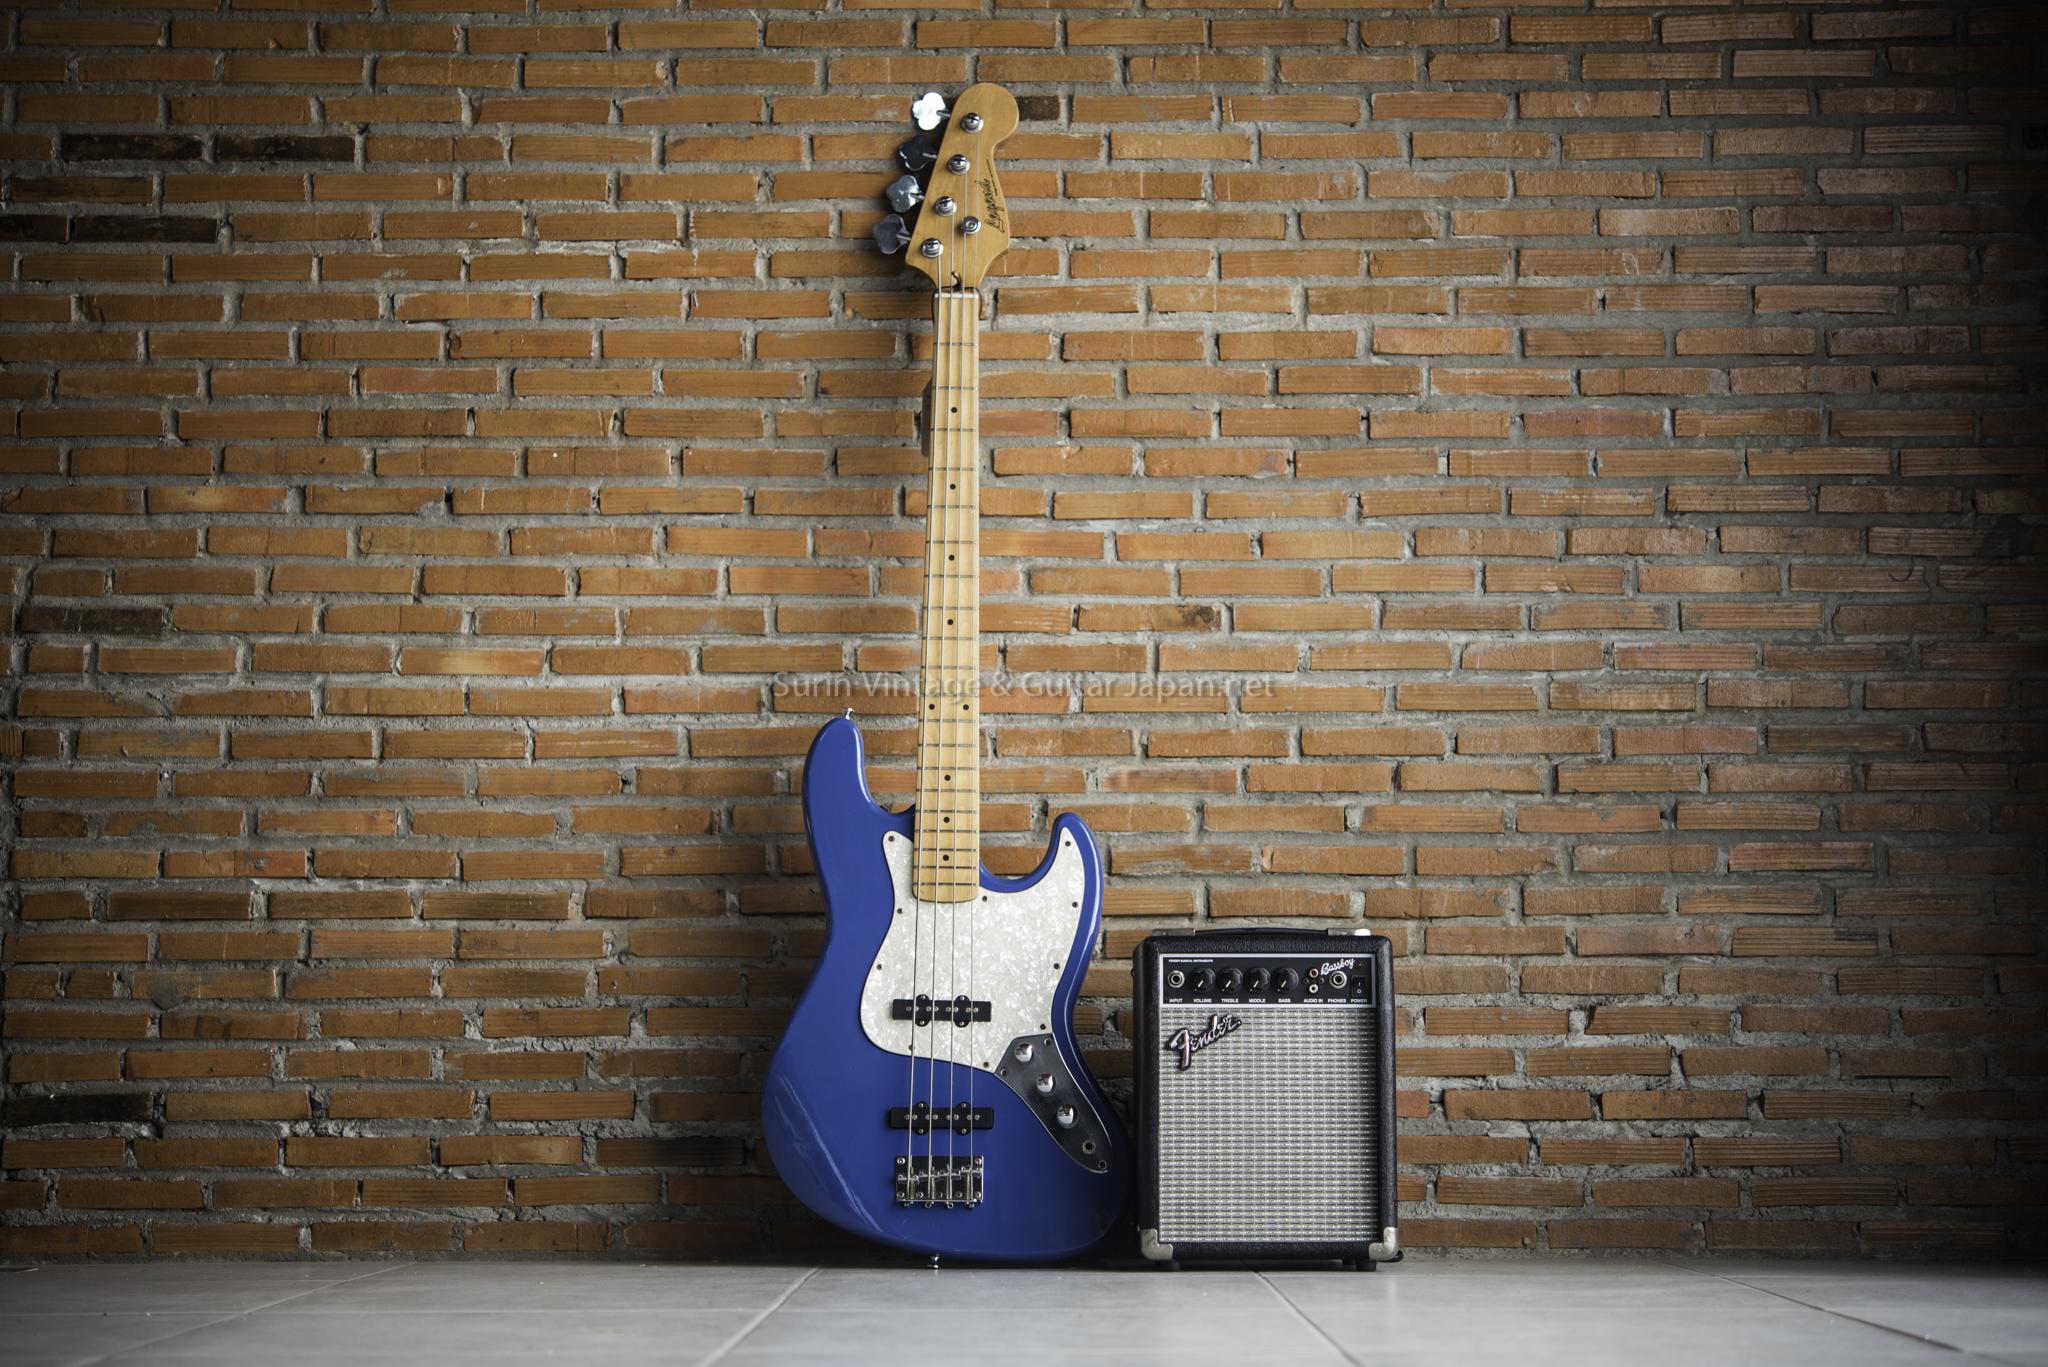 แอมป์เบสไฟฟ้ามือสอง Fender Bass Boy No.2